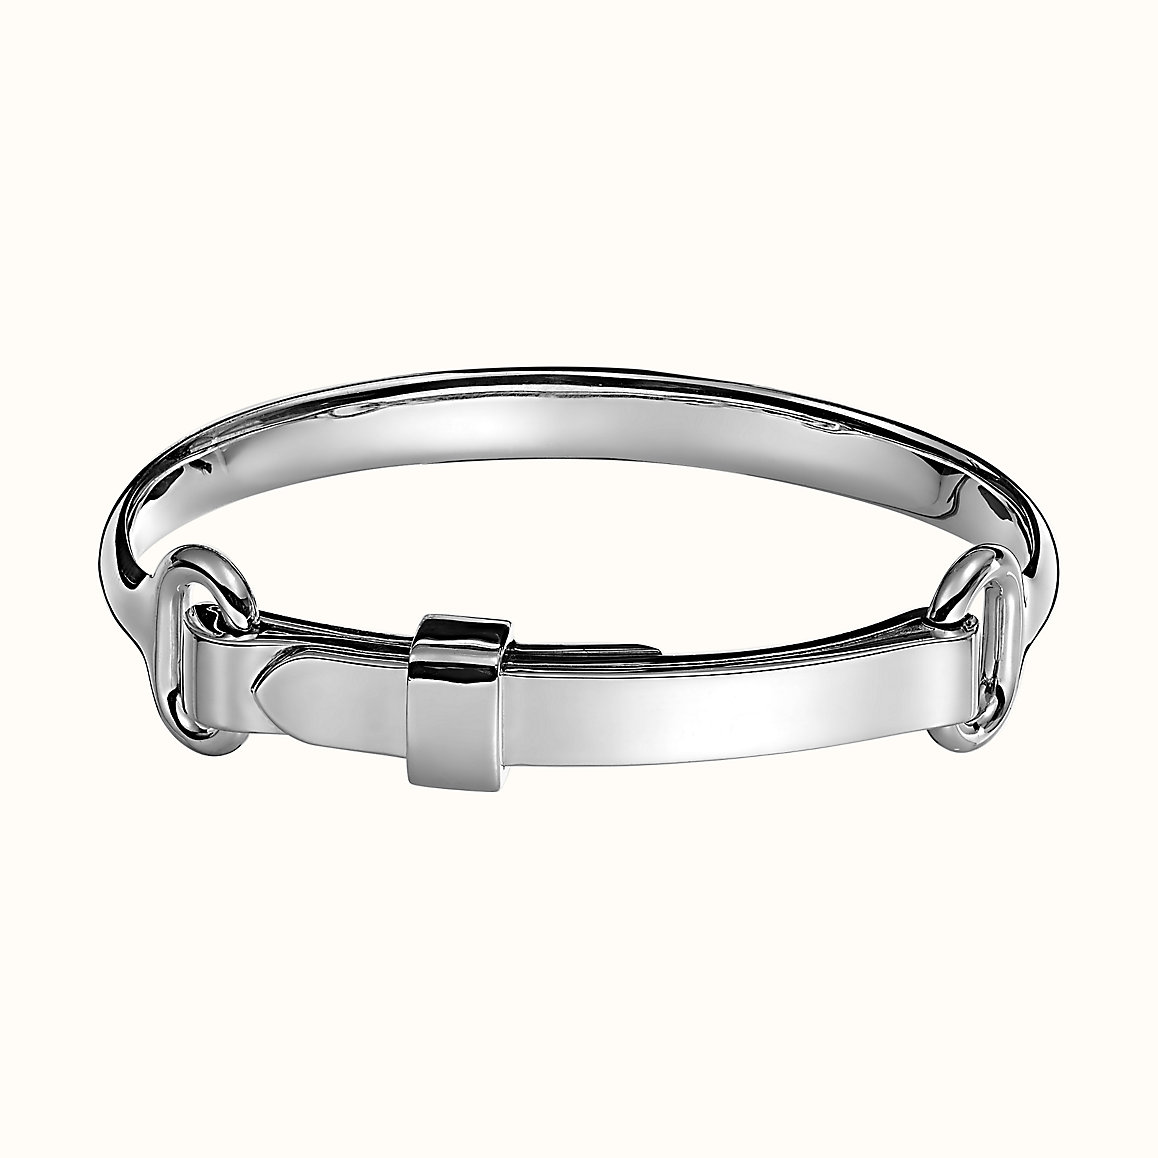 Mors de Bride bracelet Hermes.jpg